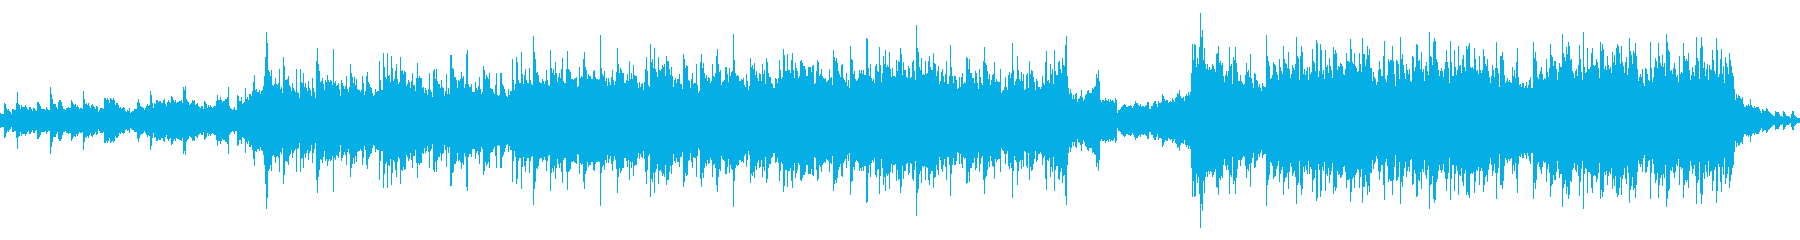 サイレントヒル風ホラーゲームサウンドの再生済みの波形